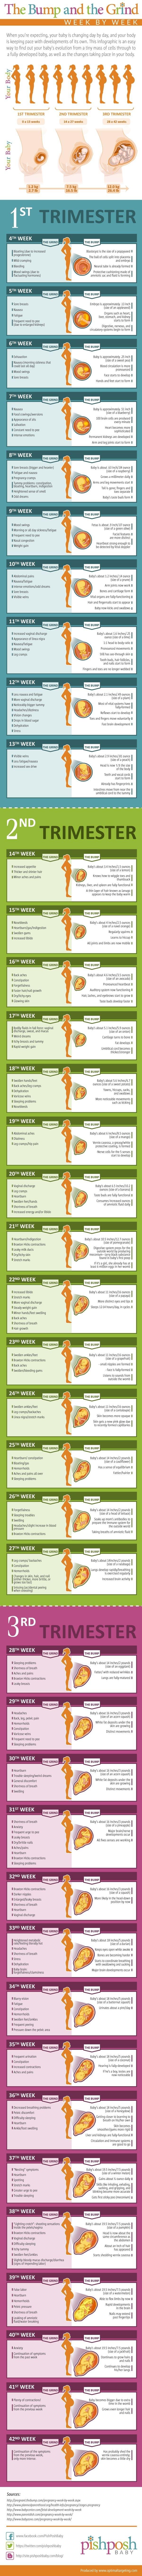 Get Free Printable Pregnancy Weekweek Chart Pictures Calendar regarding Weekly Pregnancy Calendar Week By Week Pregnancy Calendar